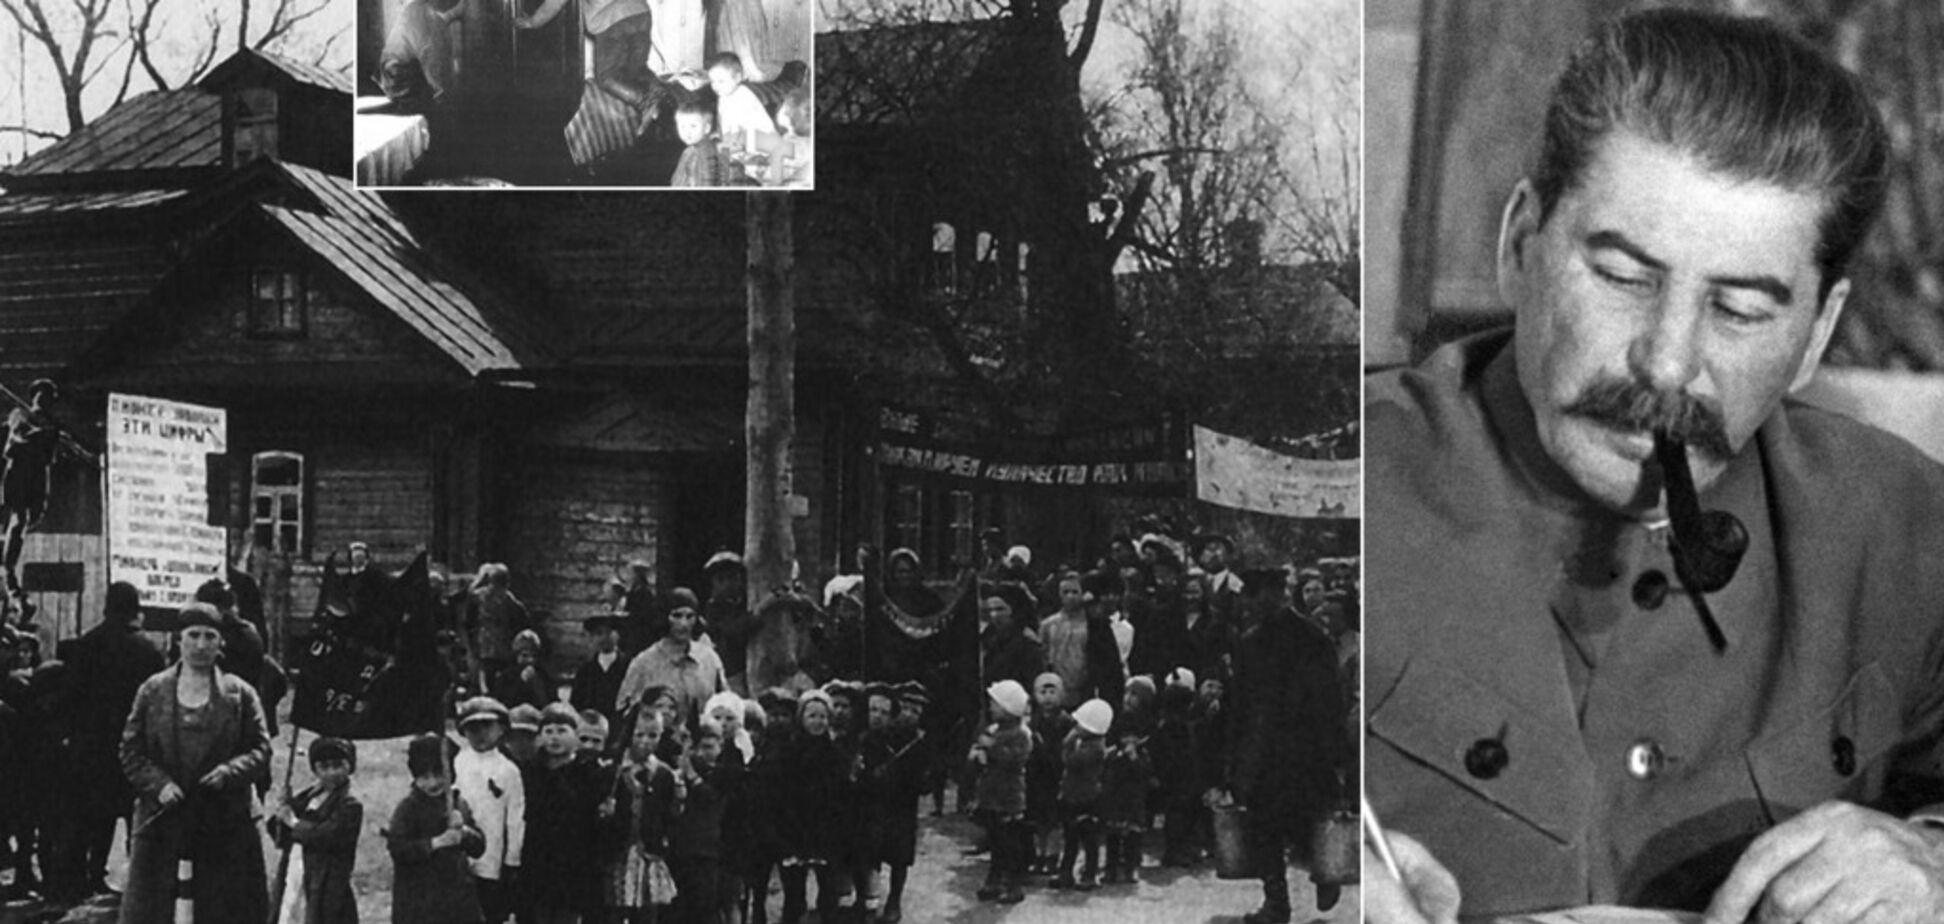 Открытый бой кулакам: как 90 лет назад Сталин пытался уничтожить украинцев